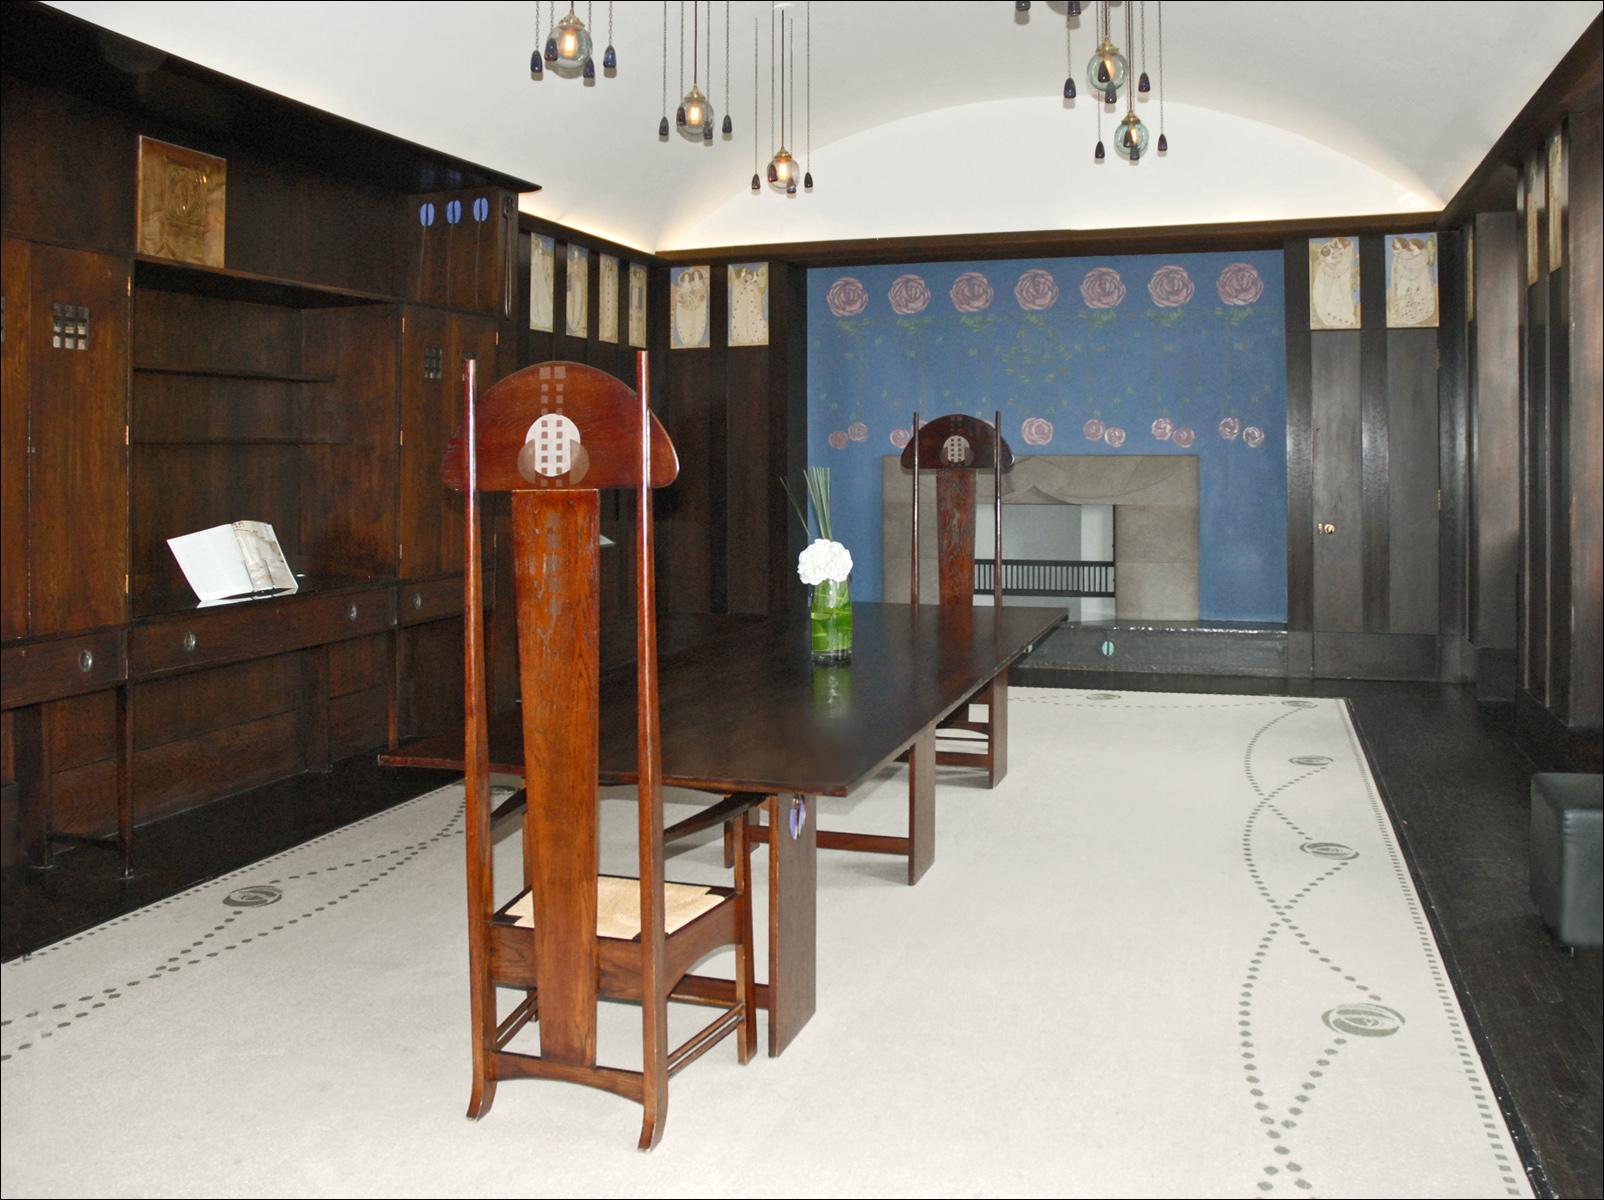 FileLa Salle Manger House For An Art Lover Glasgow